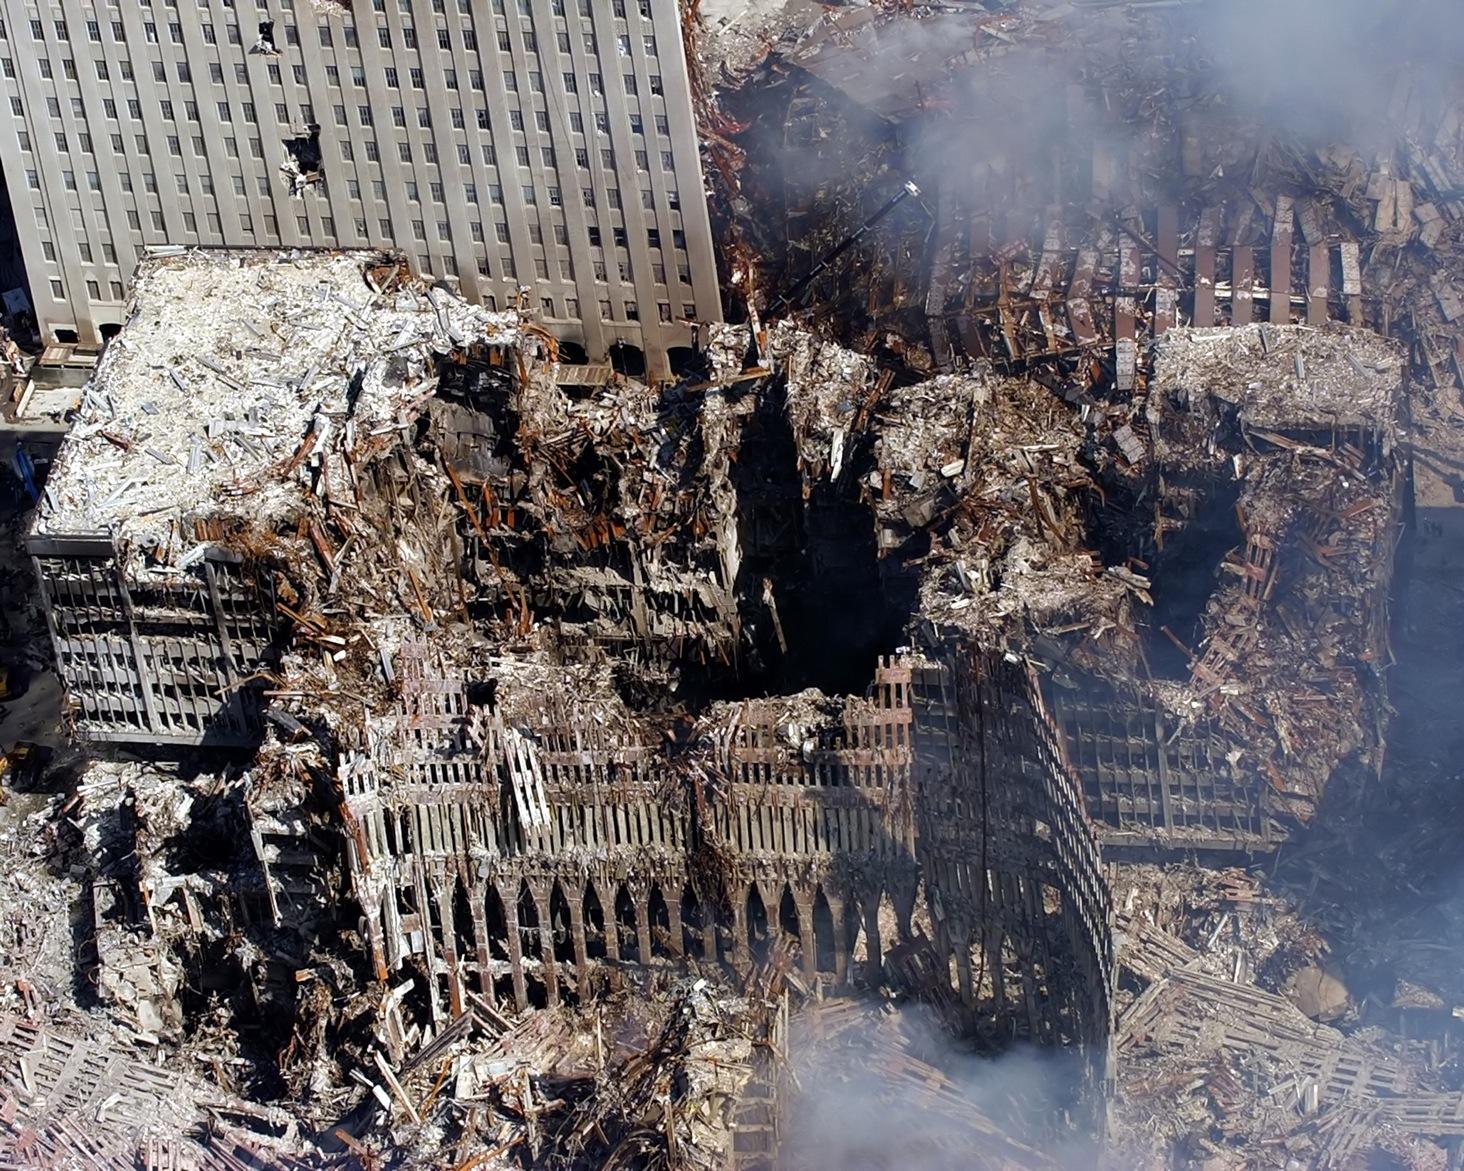 11η Σεπτεμβρίου 2001: H επίθεση στους Δίδυμους Πύργους που άλλαξε τον κόσμο